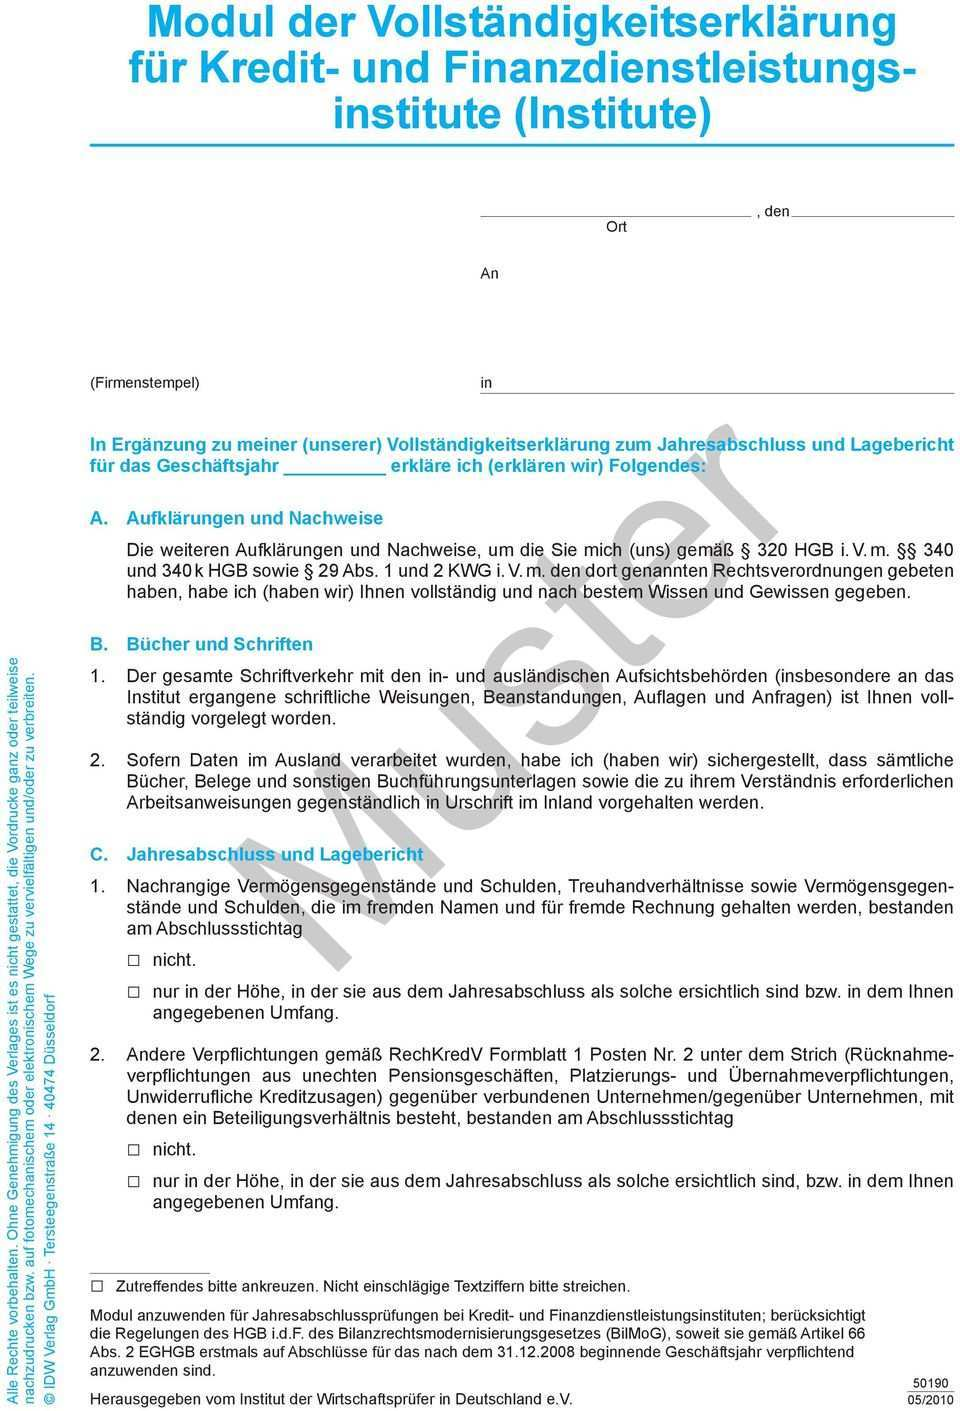 Modul Der Vollstandigkeitserklarung Fur Kredit Und Finanzdienstleistungsinstitute Ort Muster Pdf Free Download